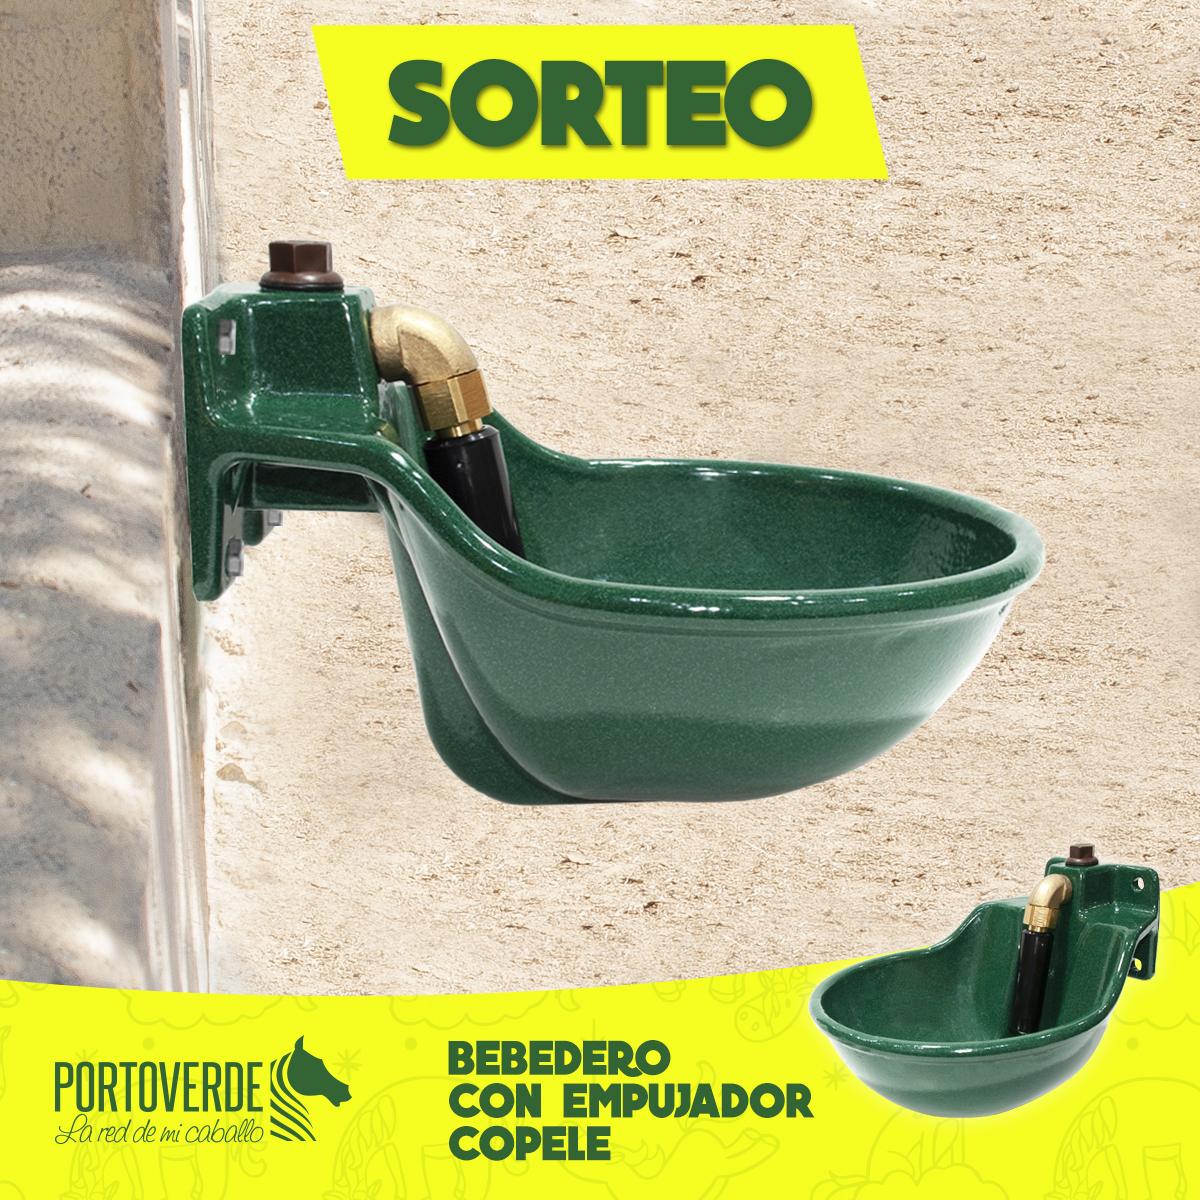 CREATIVIDAD SORTEO BEBEDERO EMPUJADOR CO